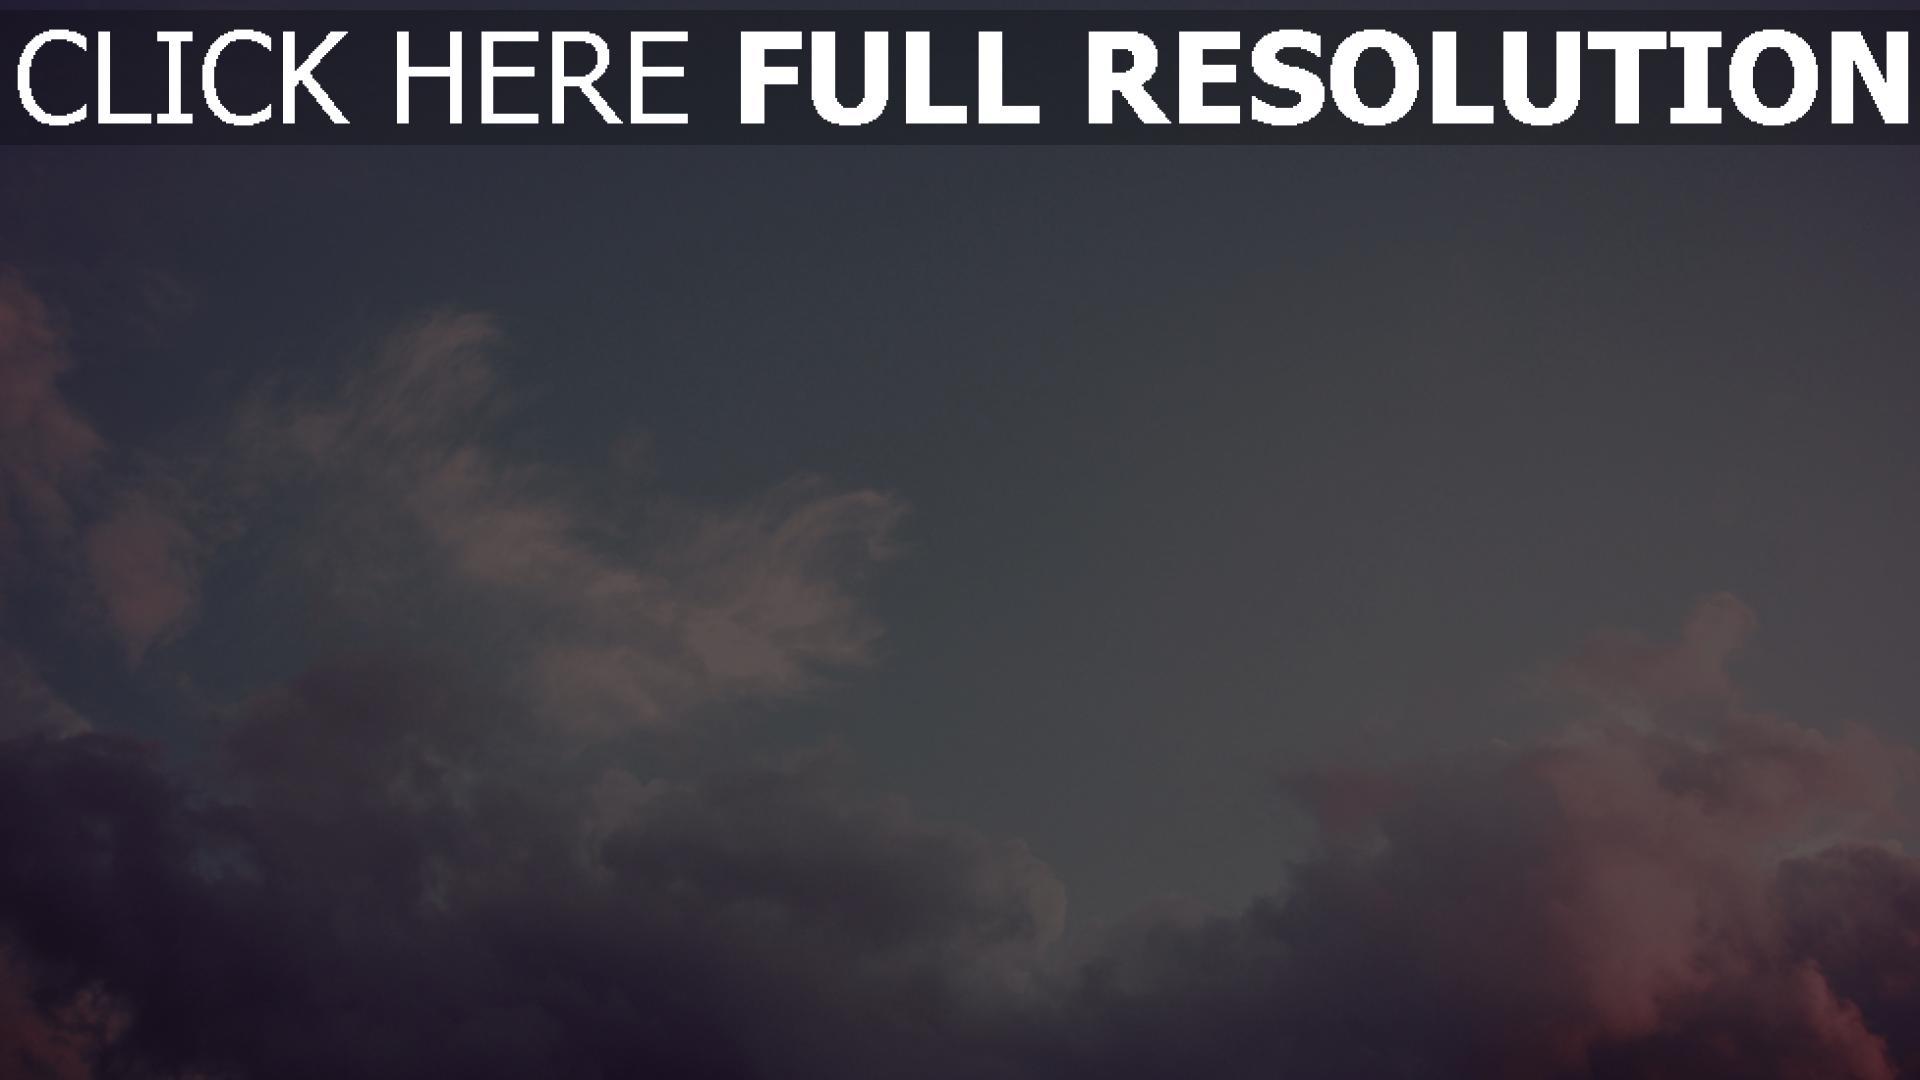 Hd Hintergrundbilder Wolken Rosa Lila Himmel Desktop Hintergrund